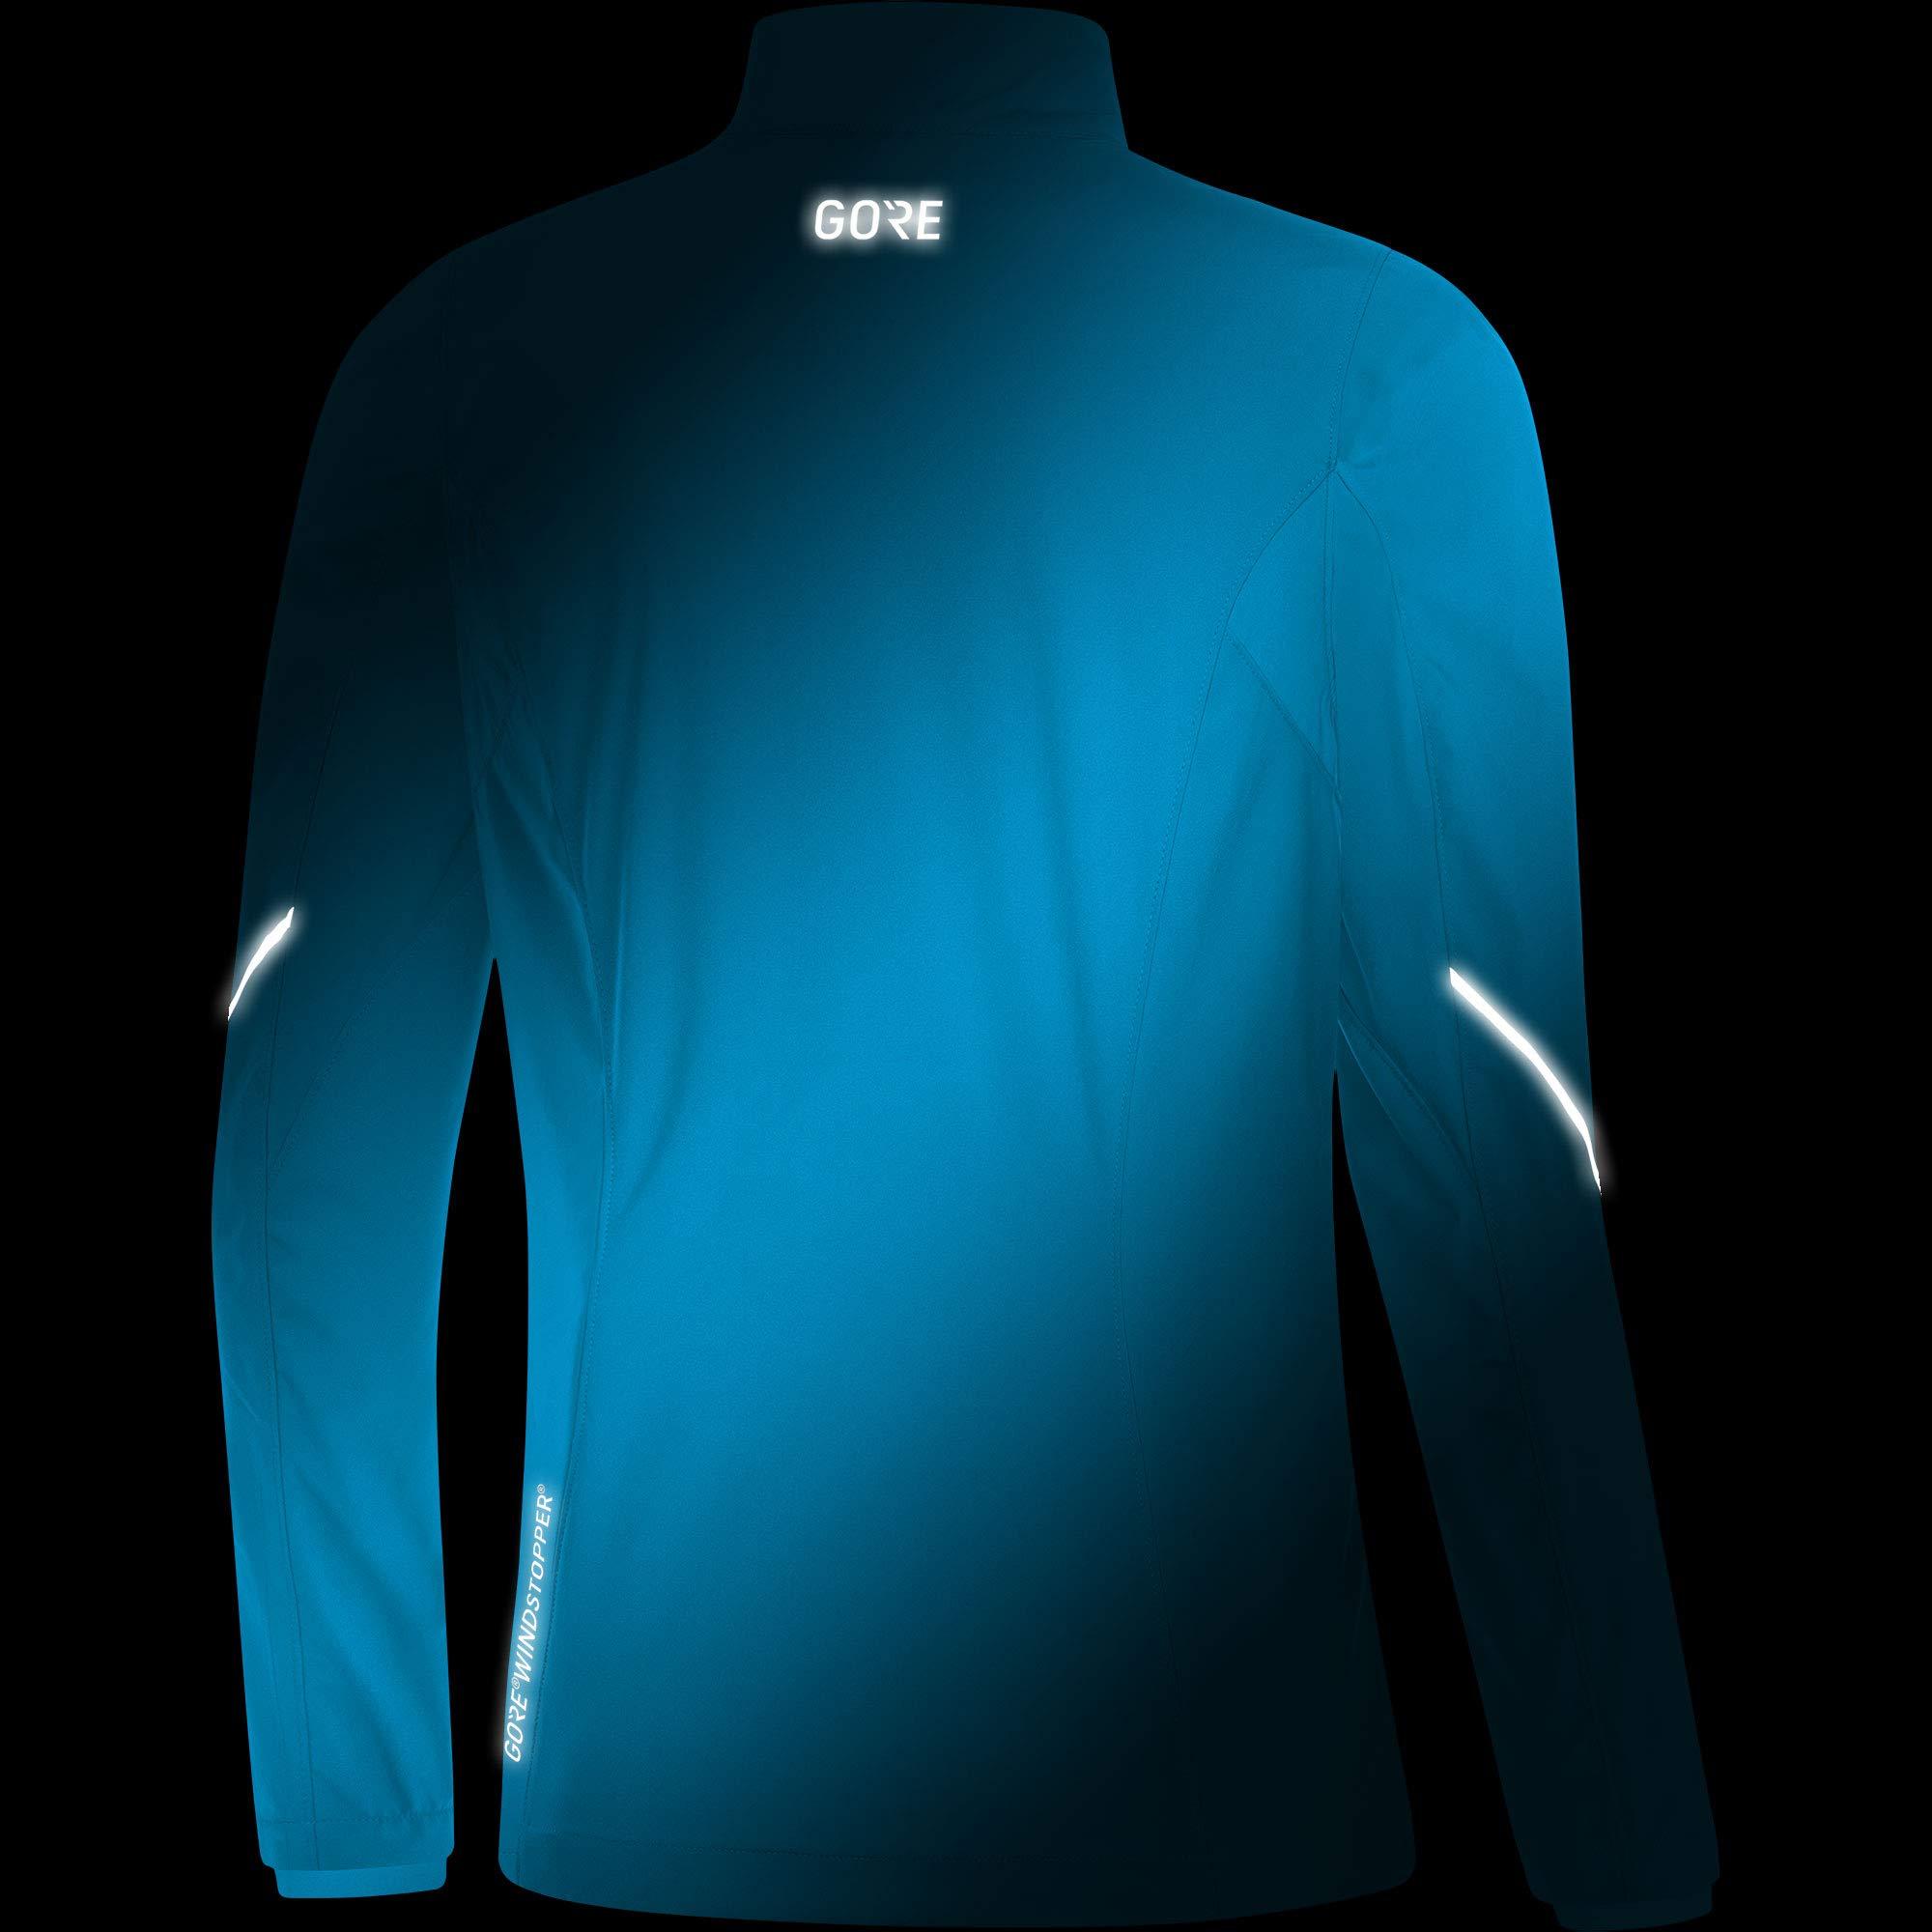 GORE Wear Women's Windproof Running Jacket, R3 Women's Partial WINDSTOPPER Jacket, Size: L, Color: Dynamic Cyan, 100081 by GORE WEAR (Image #5)